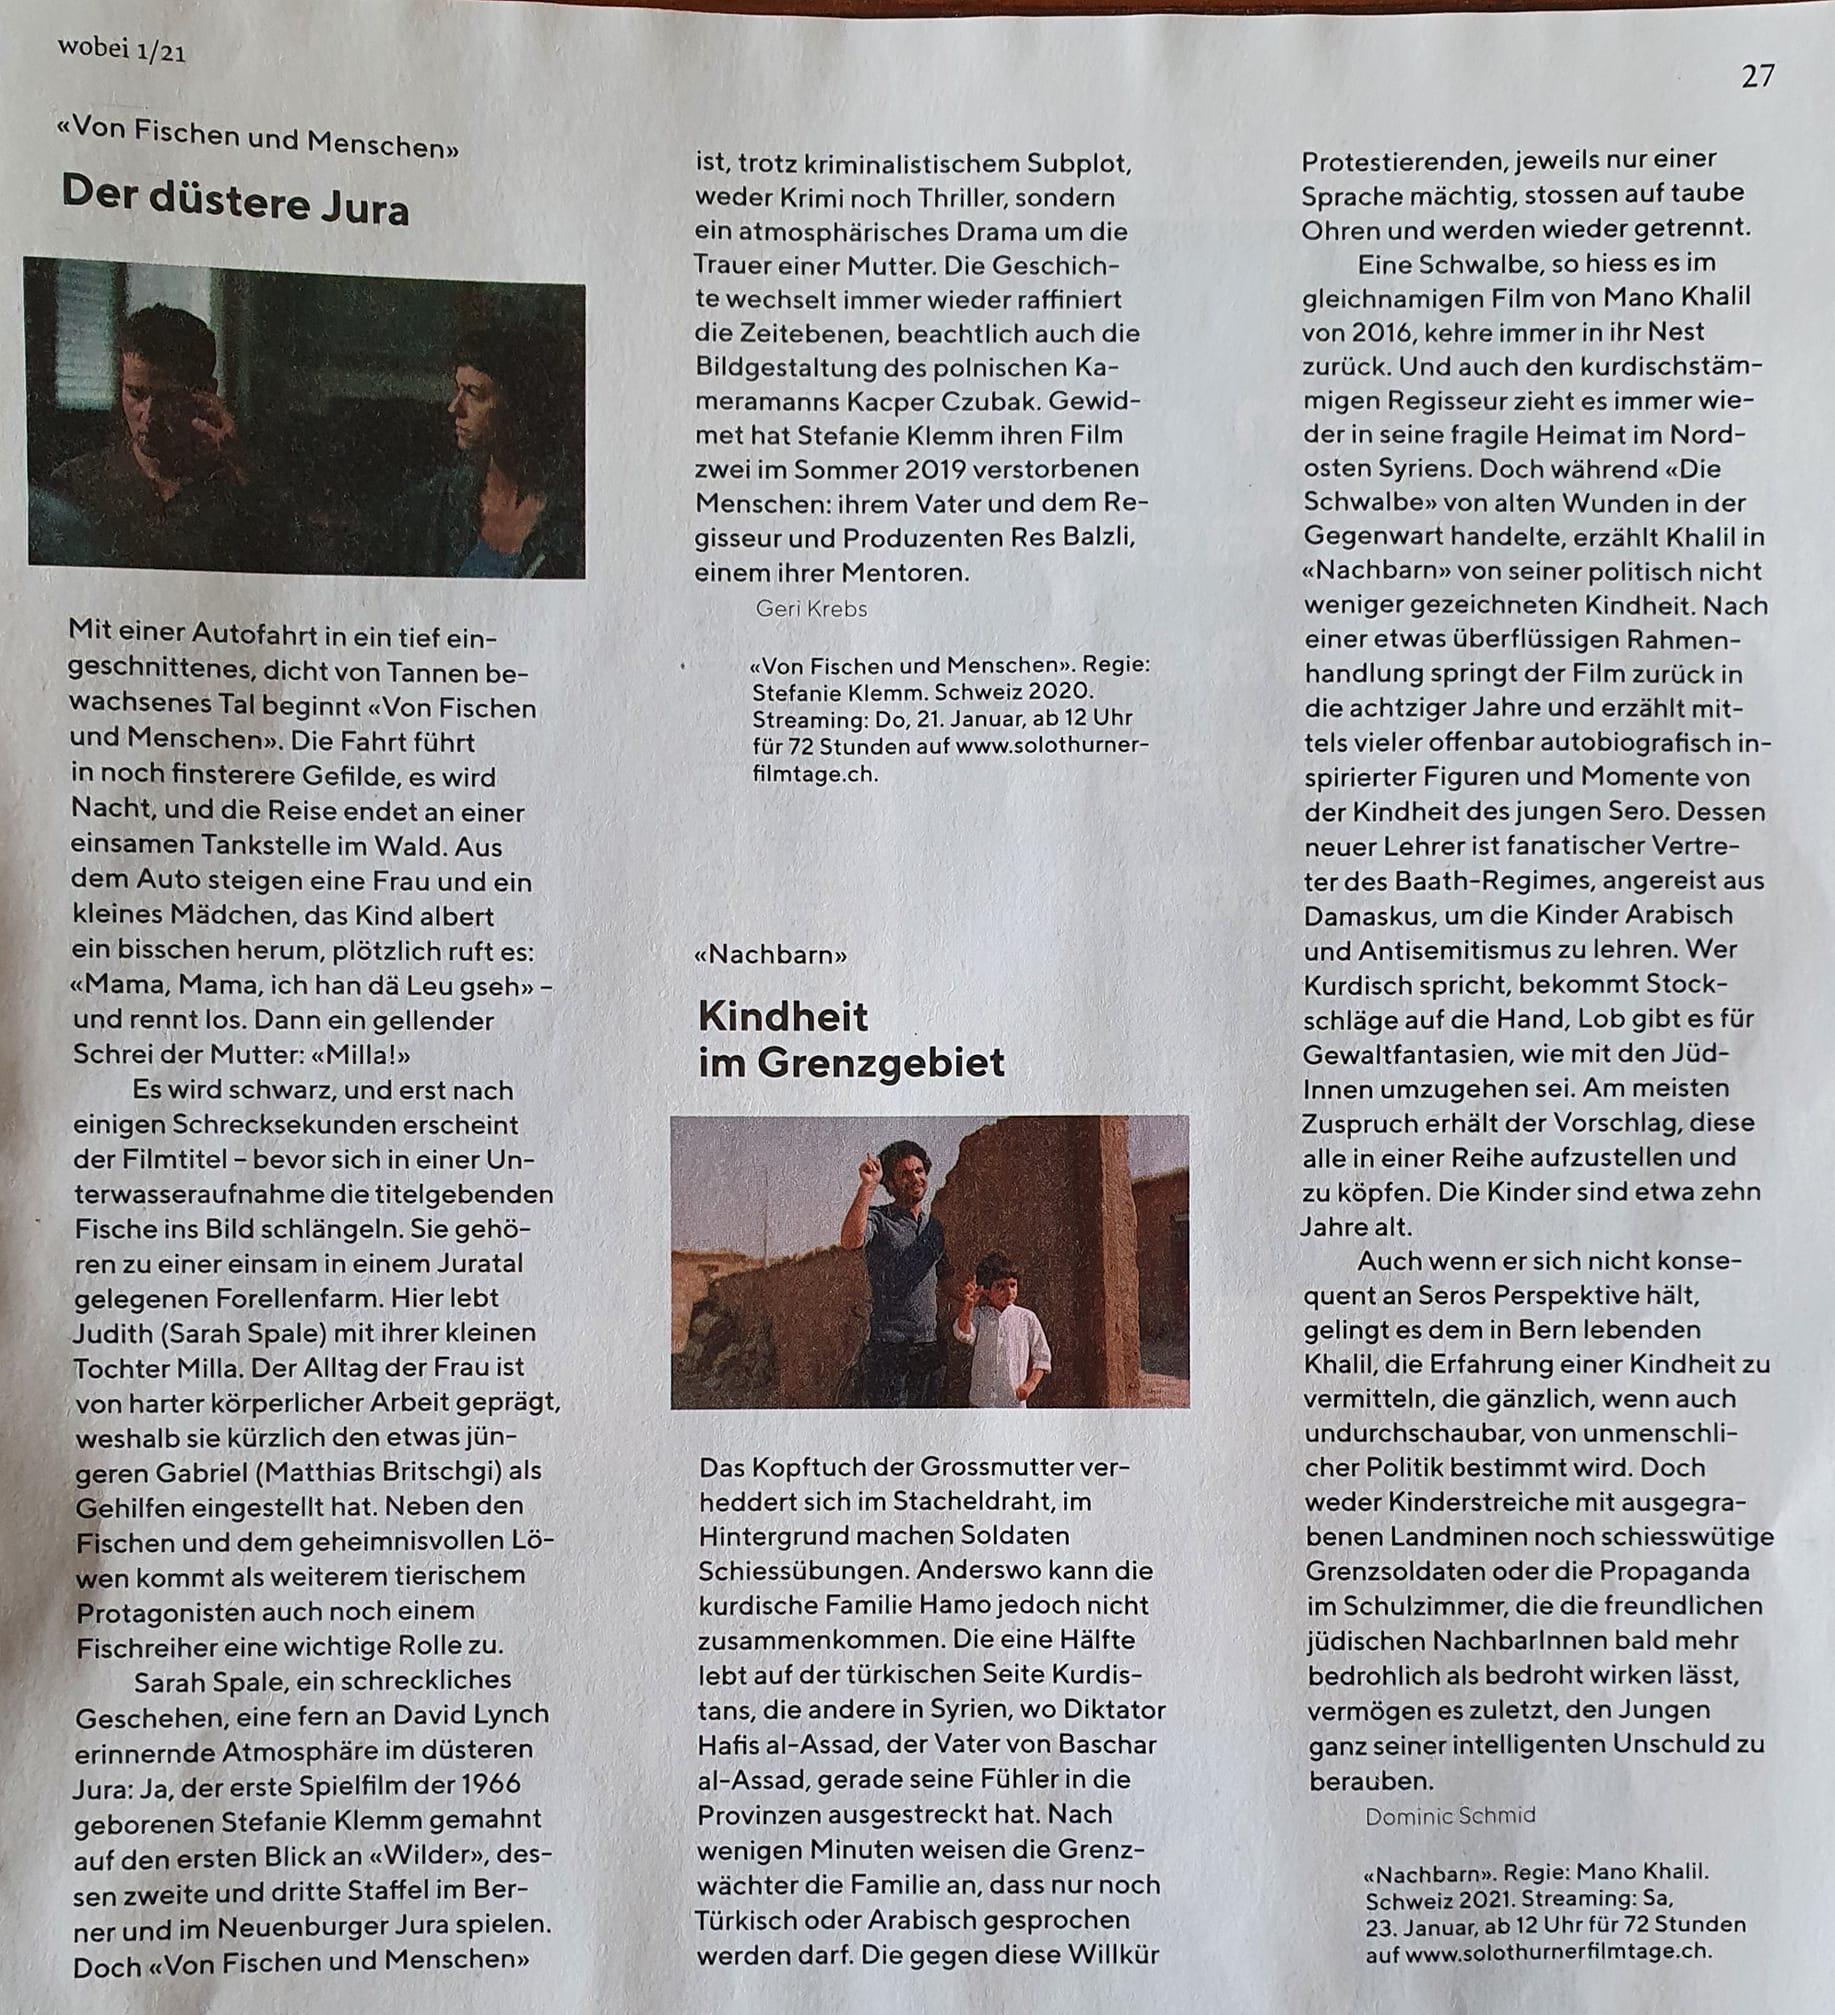 """Besprechungen von Von Fischen und Menschen von Stefanie Klemm und """"Nachbarn"""" von Mano Khalil…"""